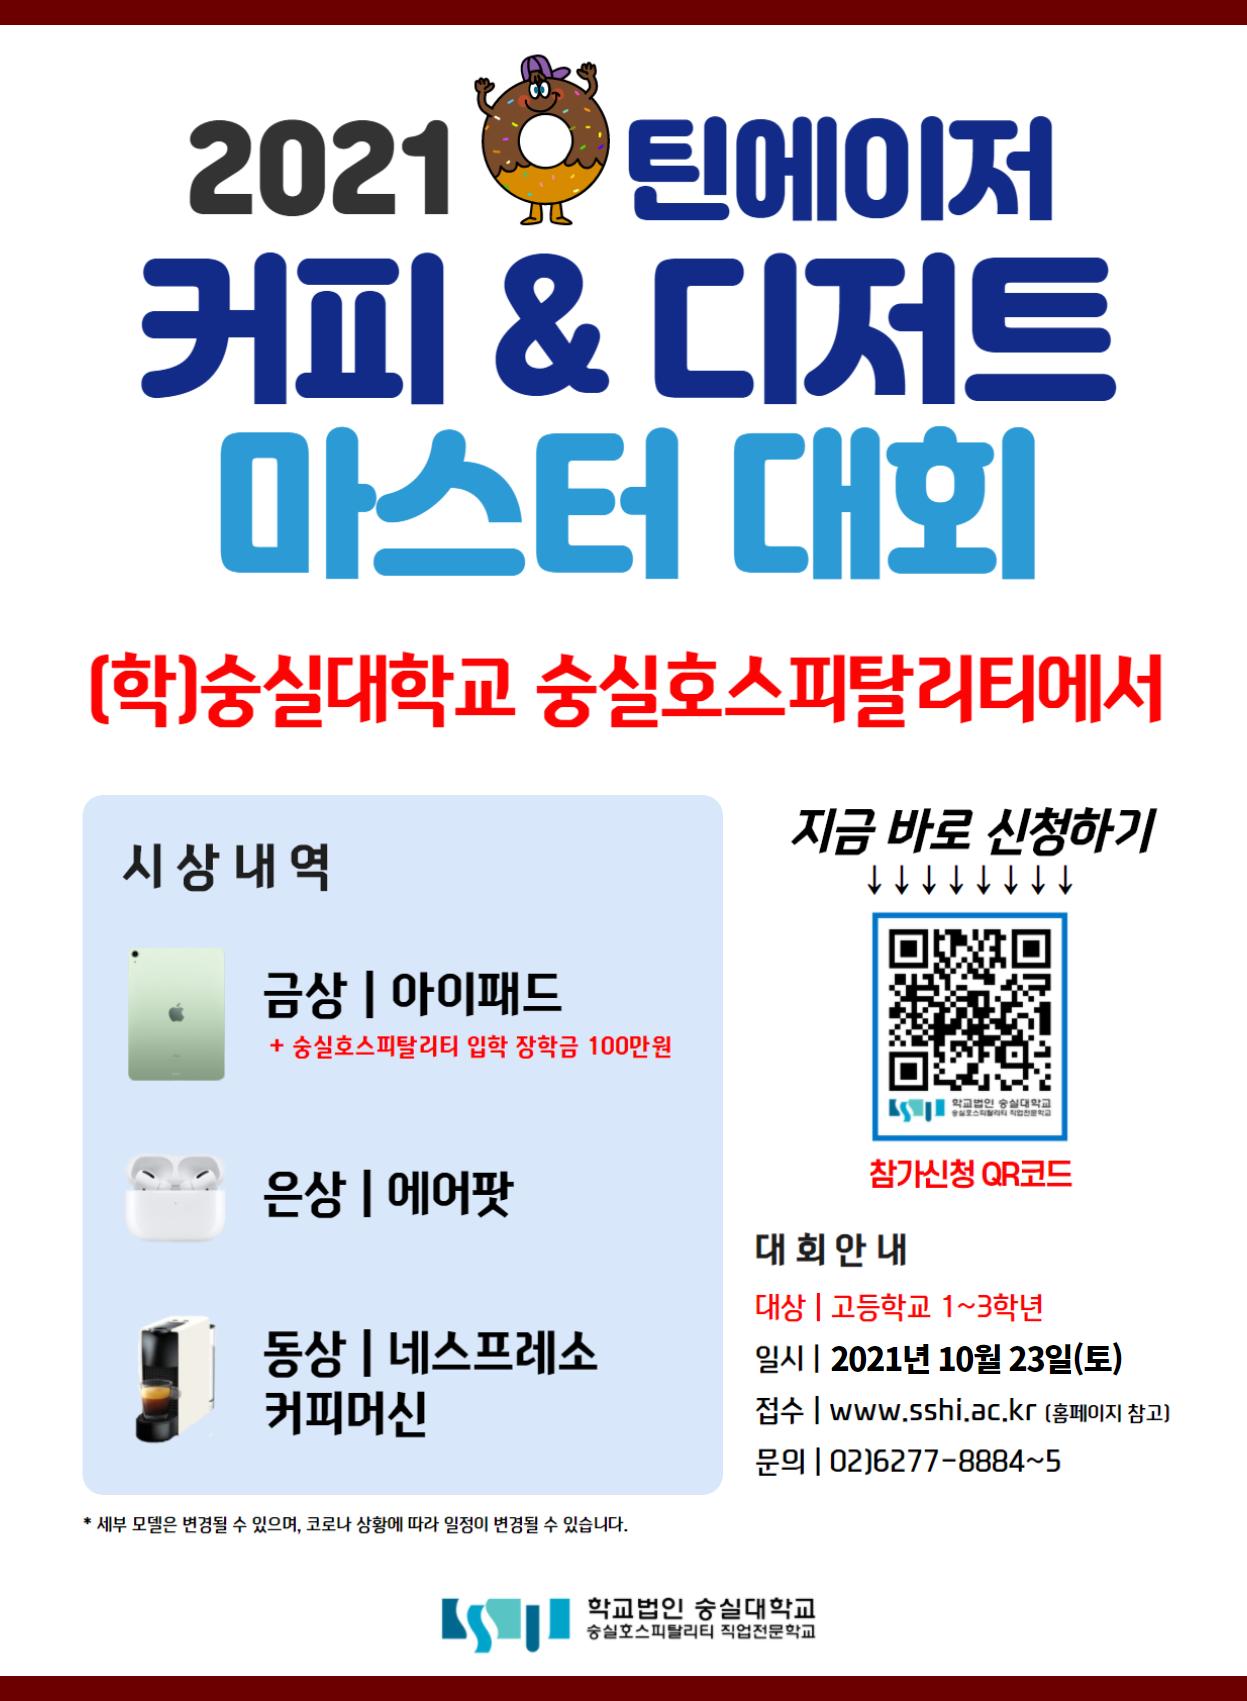 [복사본] 외벽 포스터 시안.png